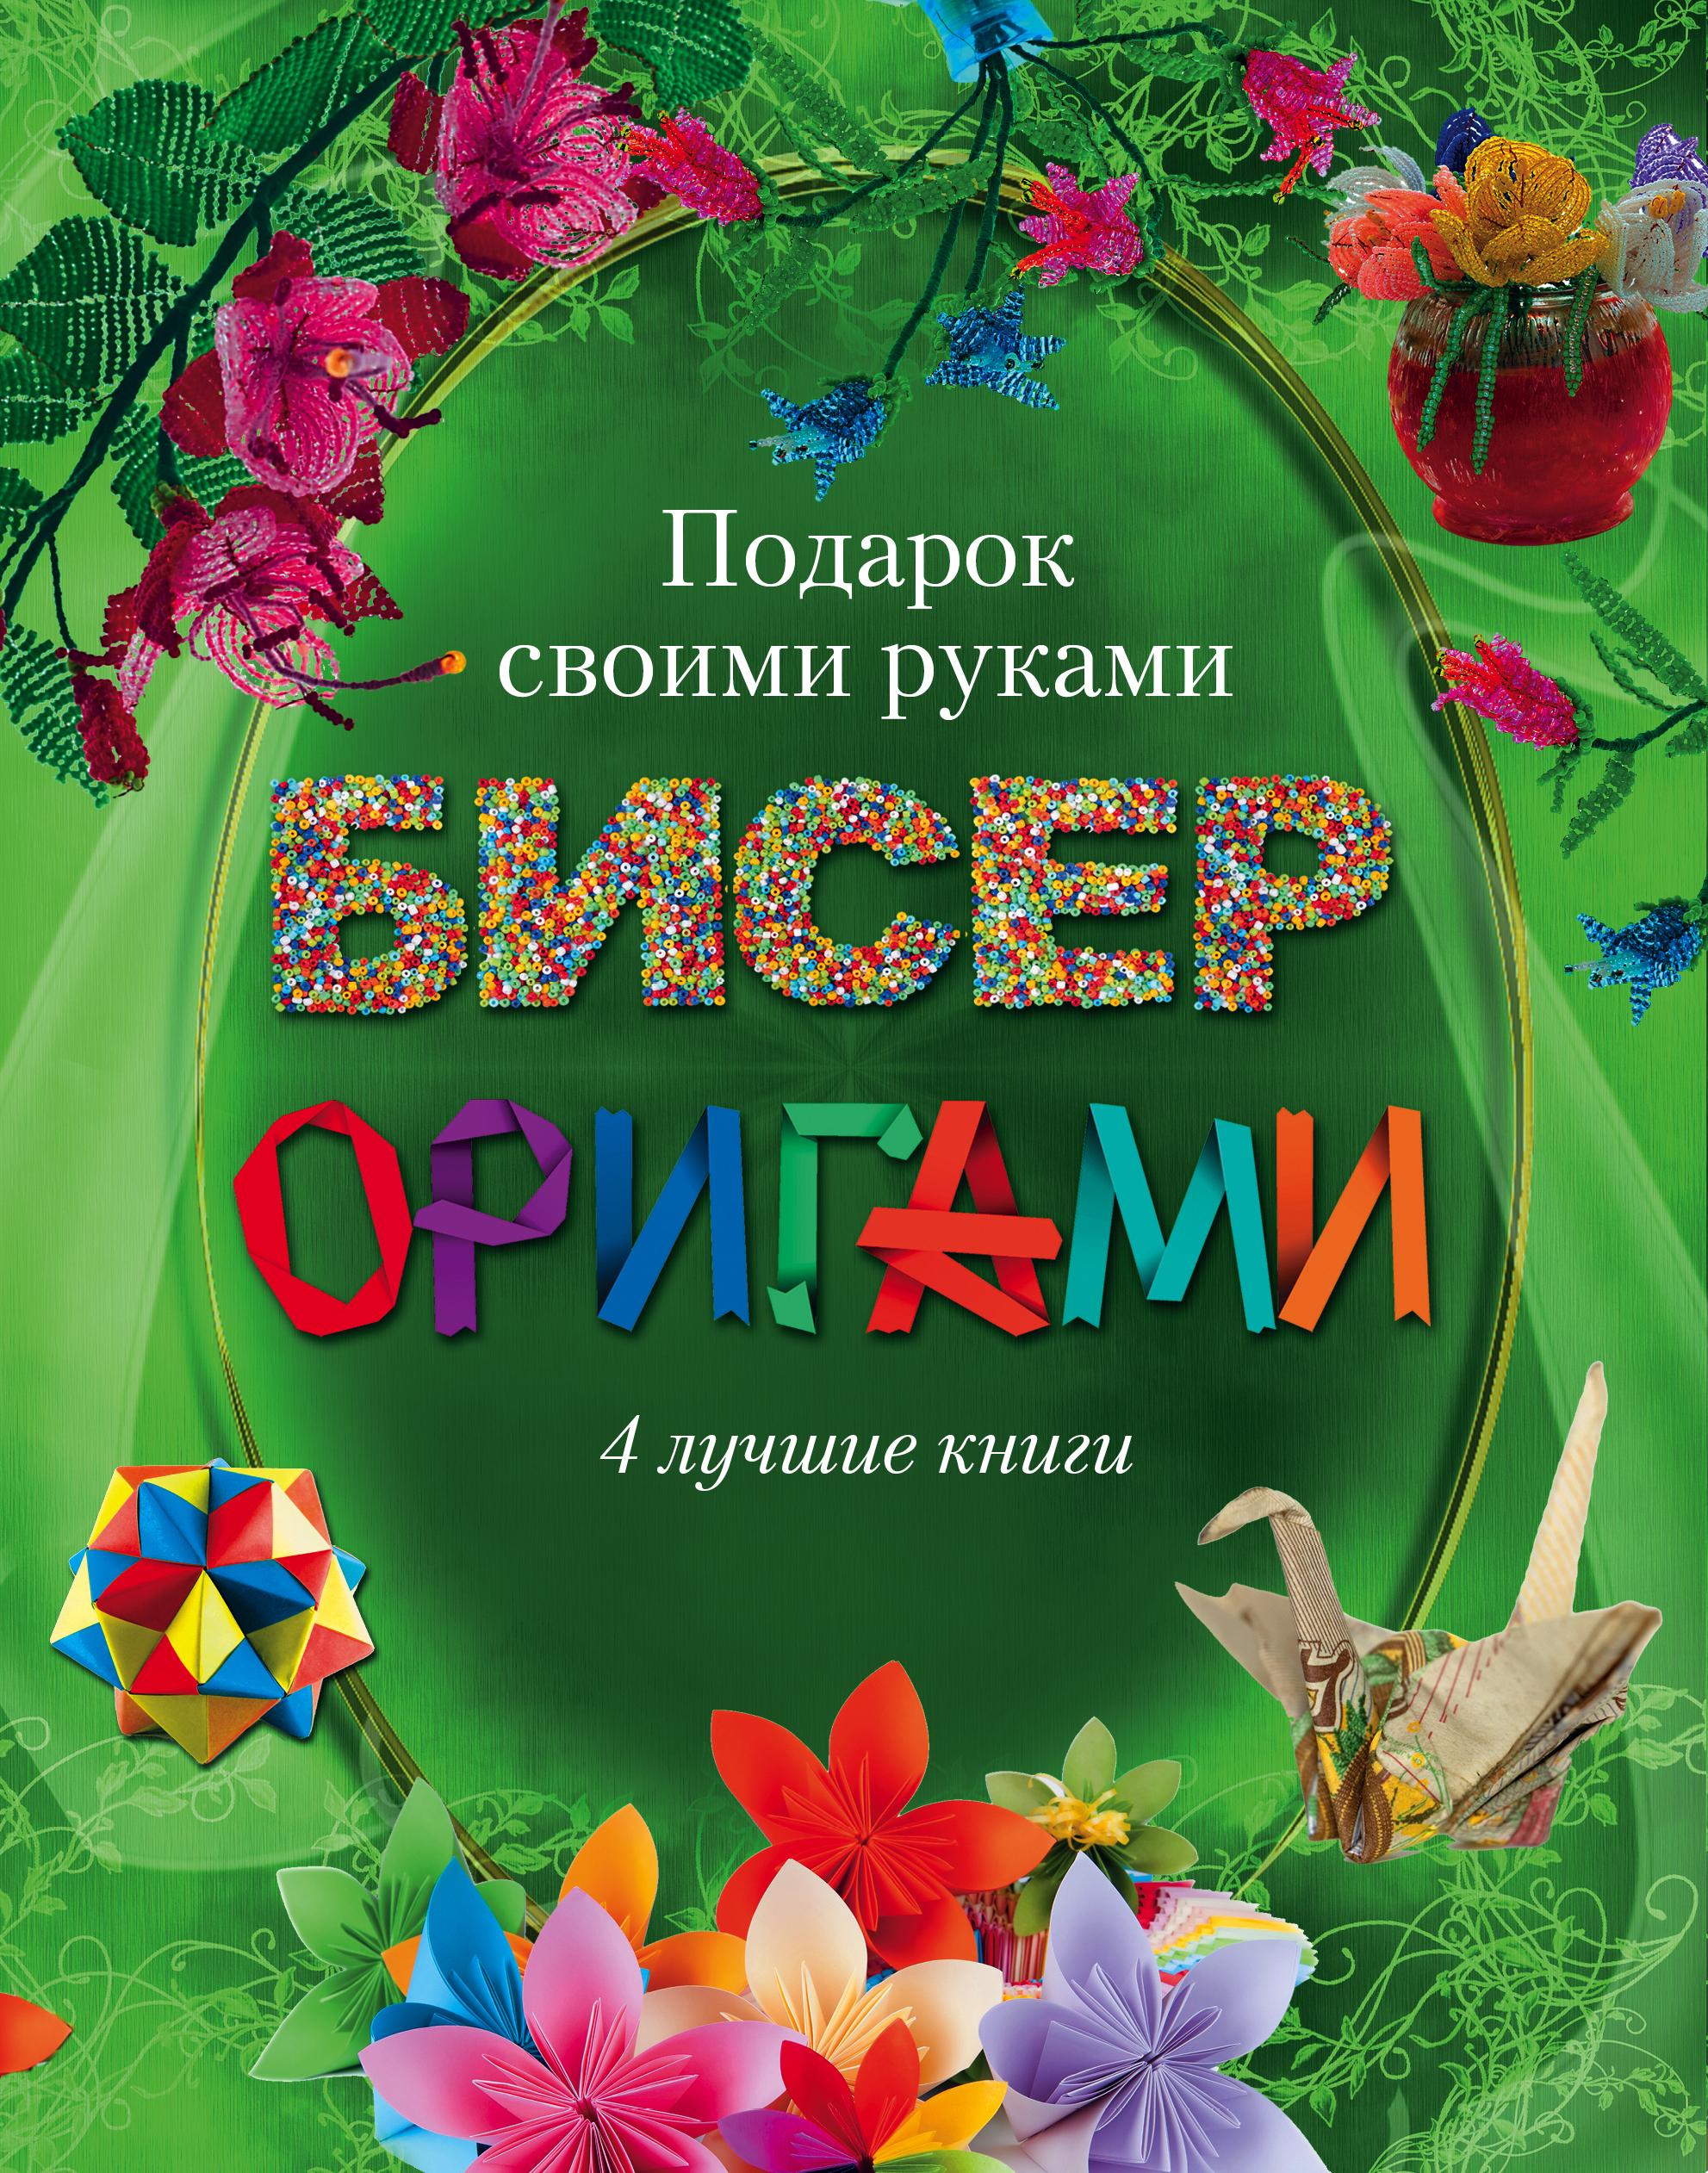 Бисер, оригами.Подарок своими руками. Подарочный комплект из 4х книг. праздничная кухня подарочный набор из 4х книг